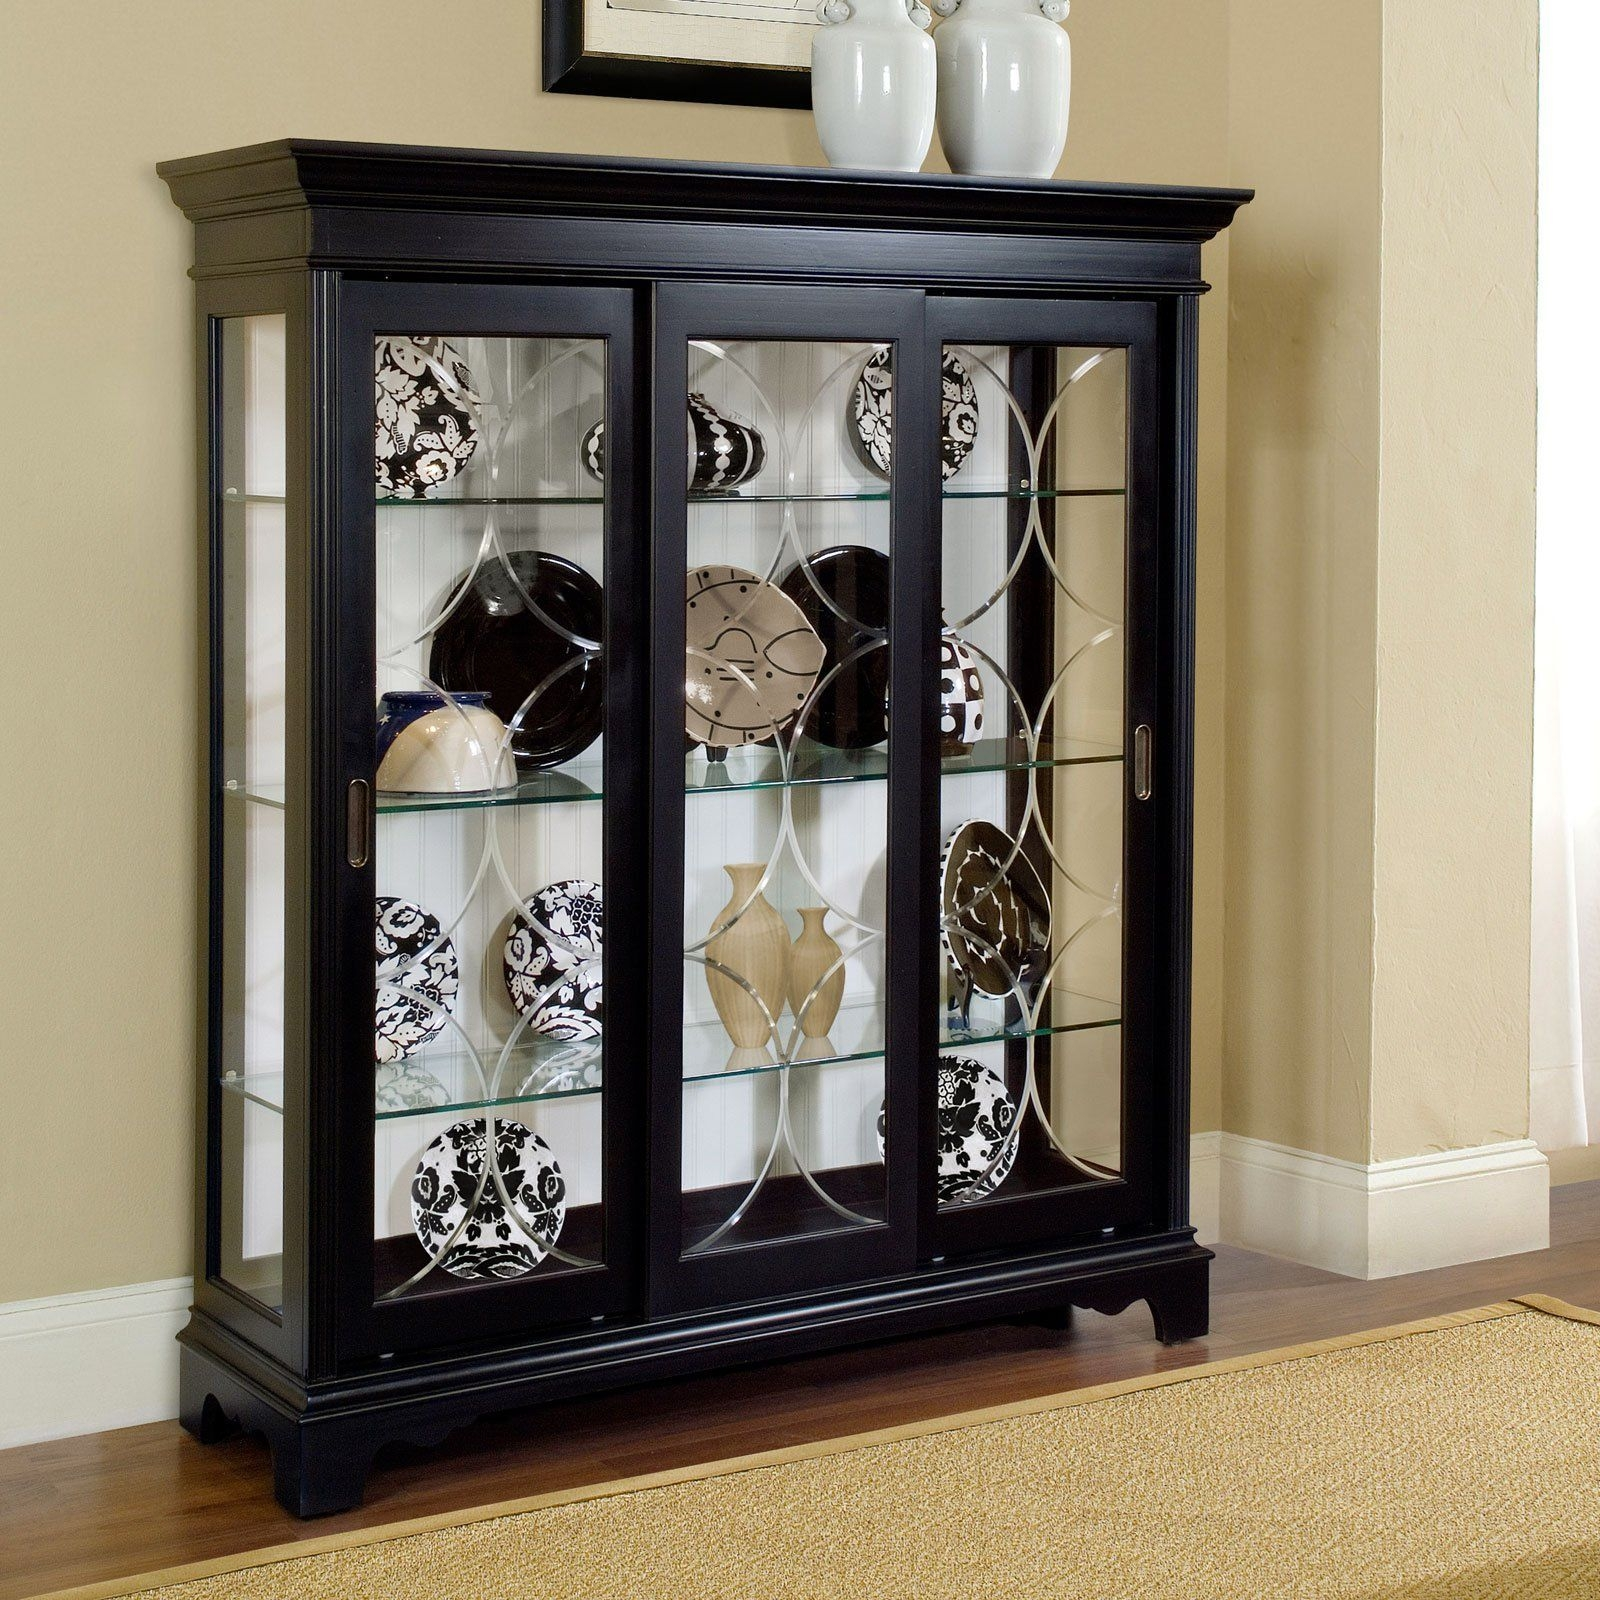 Mantel Curio Cabinets